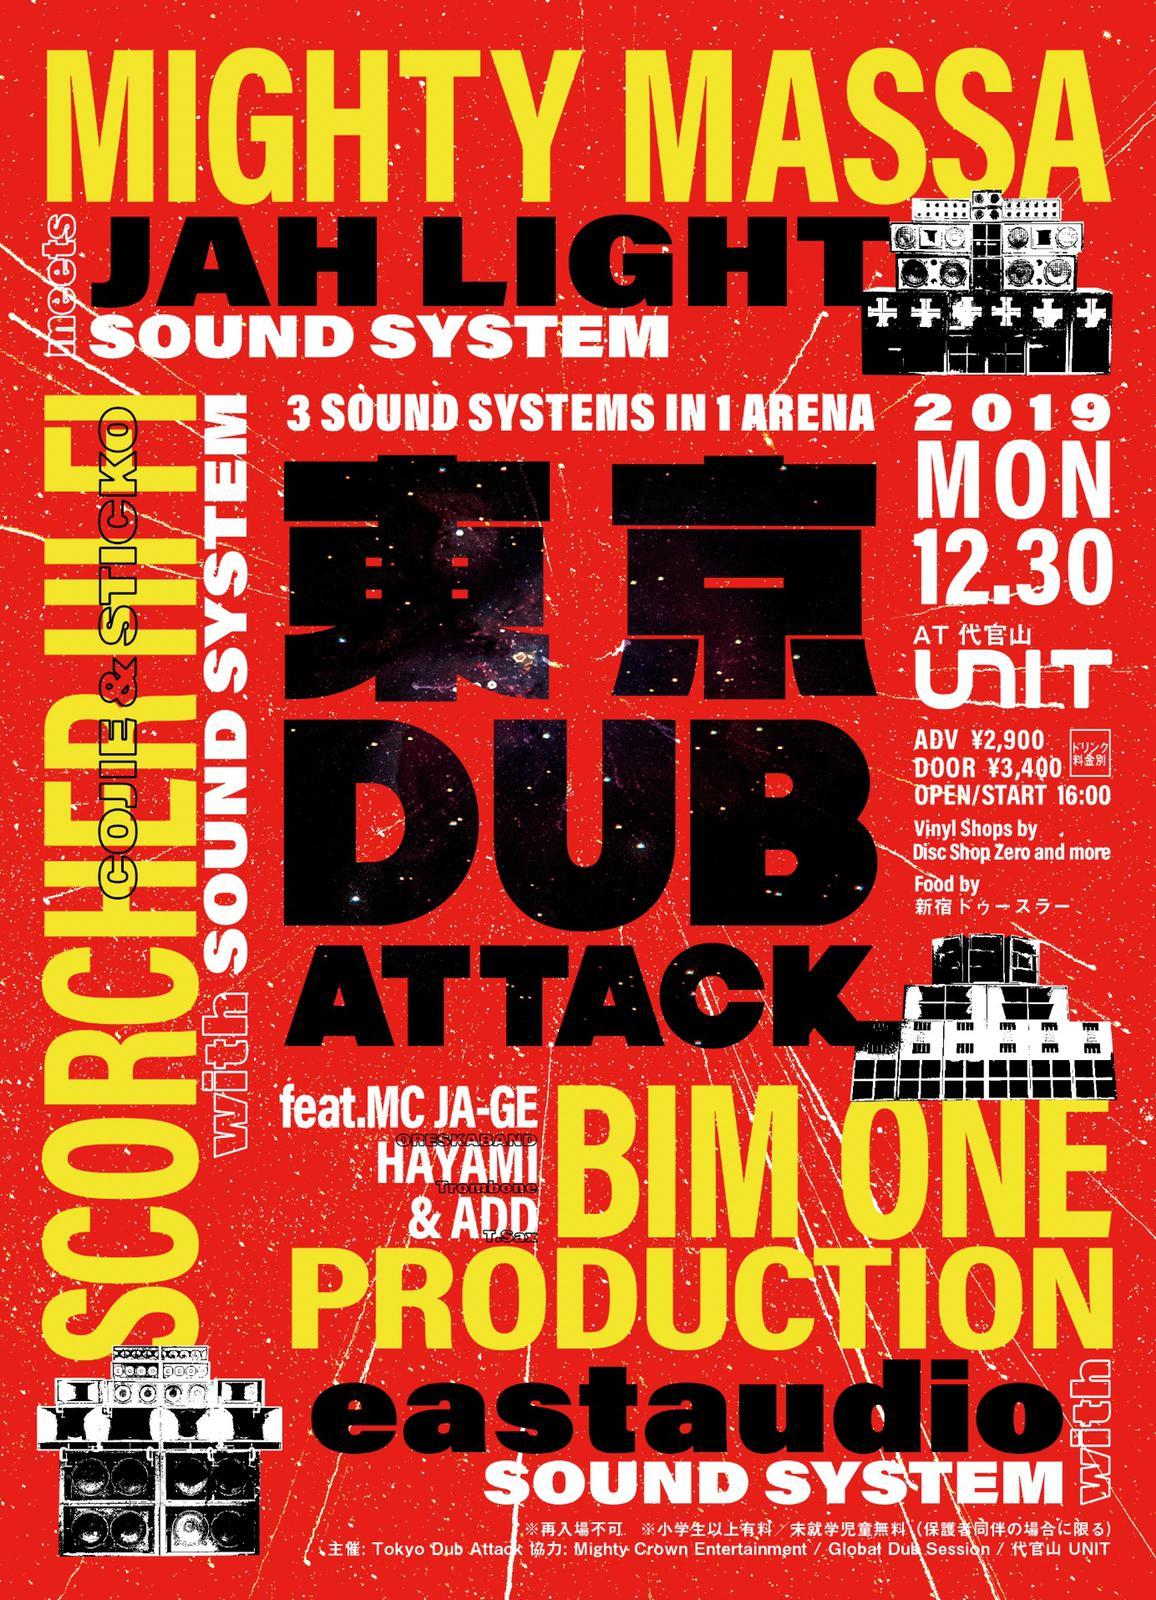 ストリートなイベント【東京】TOKYO DUB ATTACK 2019 3つのサウンドシステムが1フロアに集結する年末の恒例イベント!今年も開催!